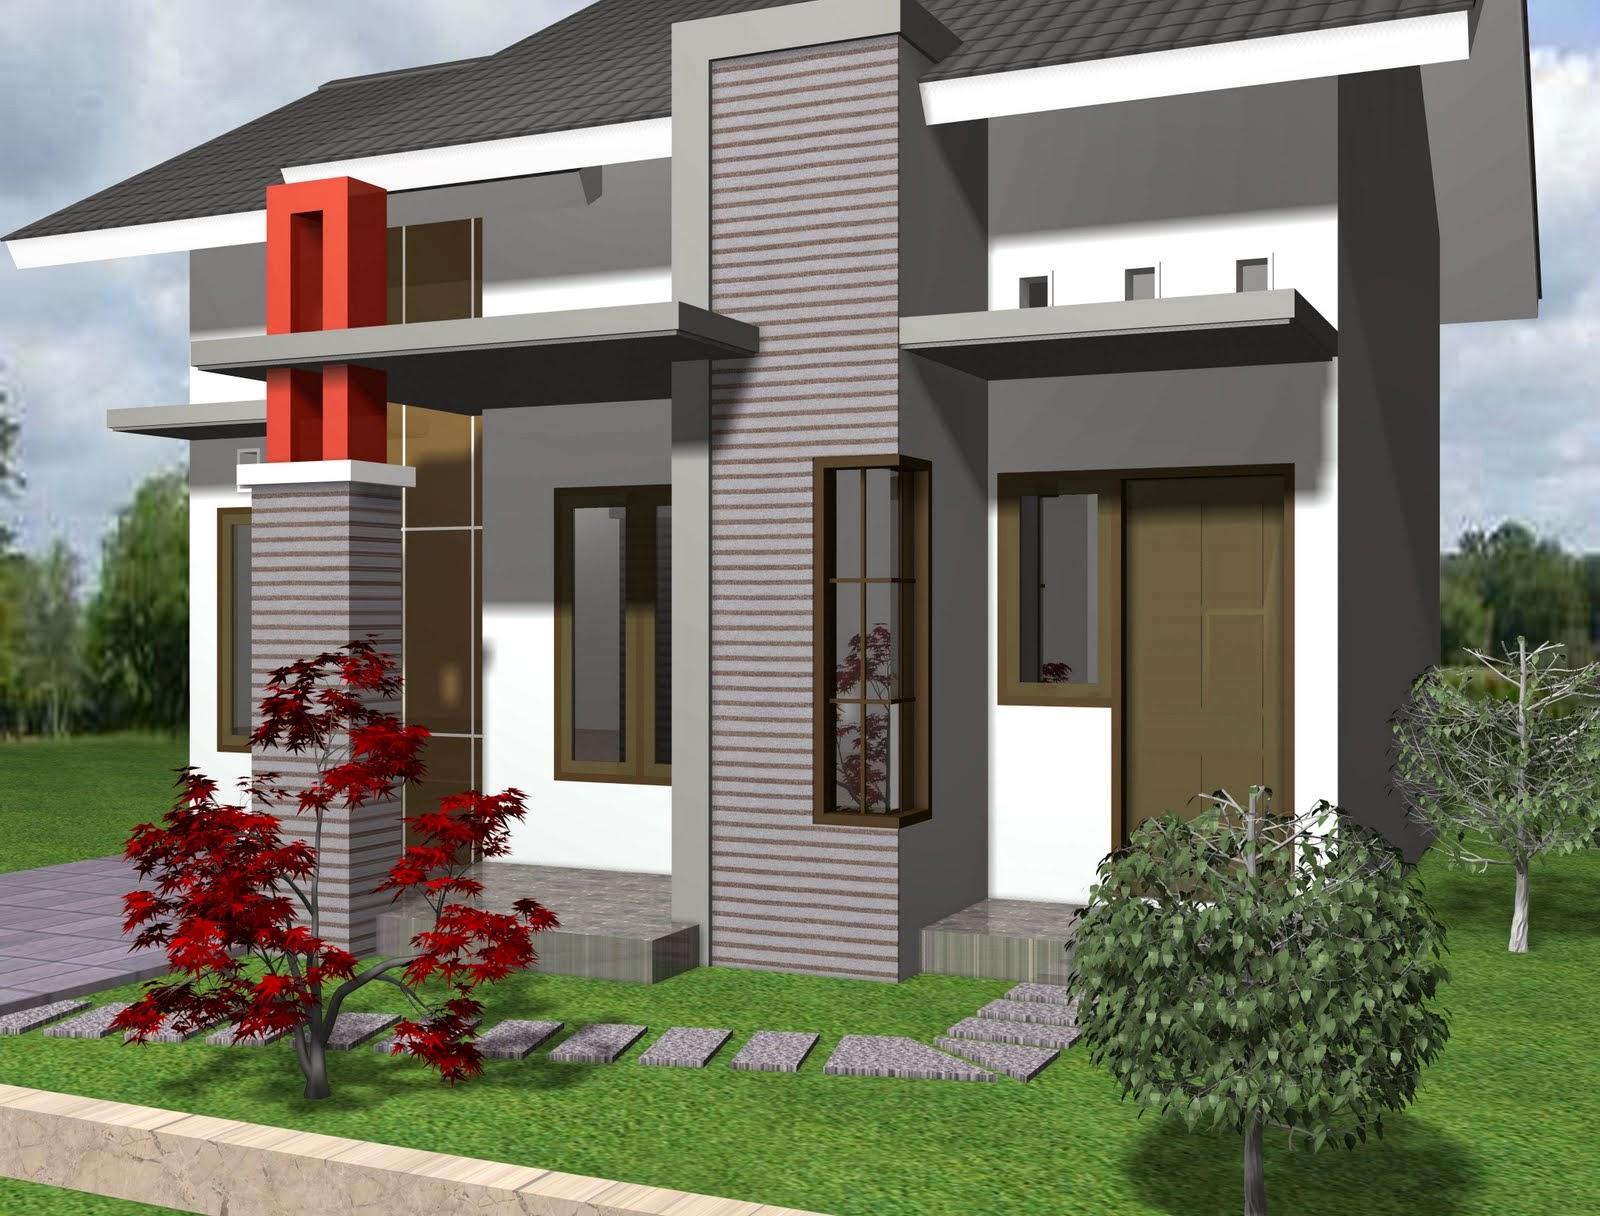 Contoh Desain Rumah Minimalis 1 Lantai Modern  Desain